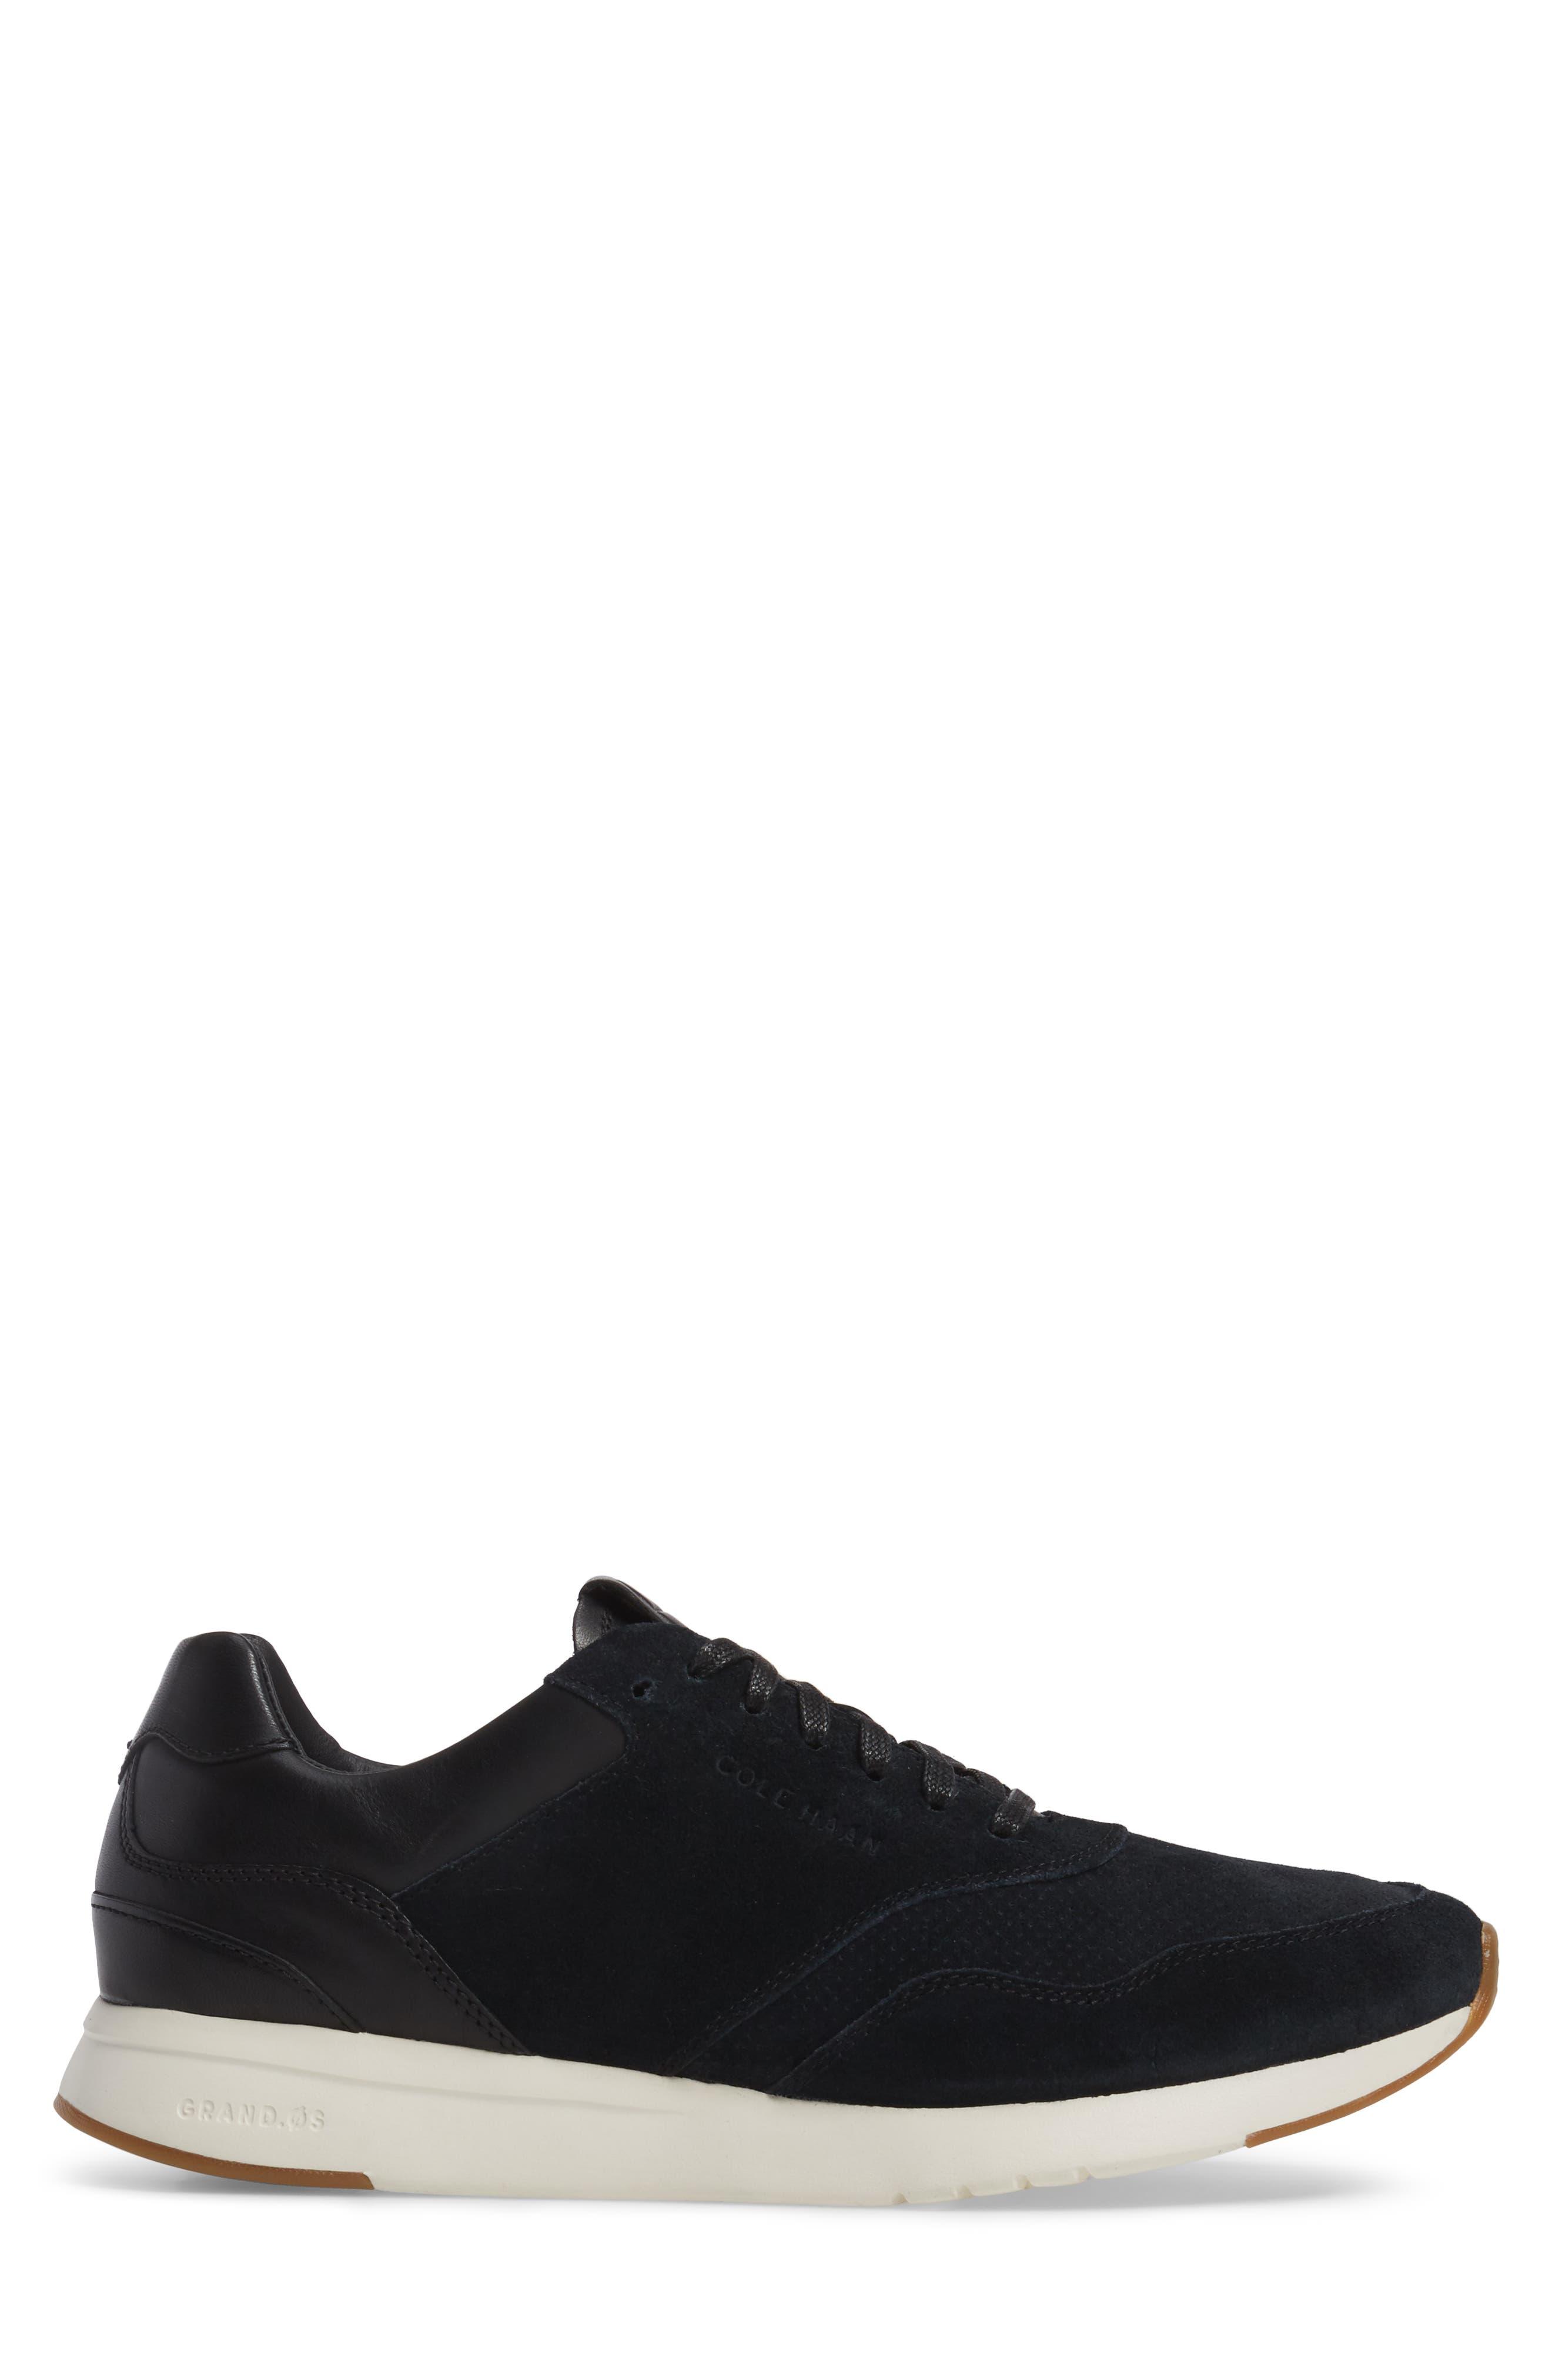 GrandPro Runner Sneaker,                             Alternate thumbnail 3, color,                             Black Leather